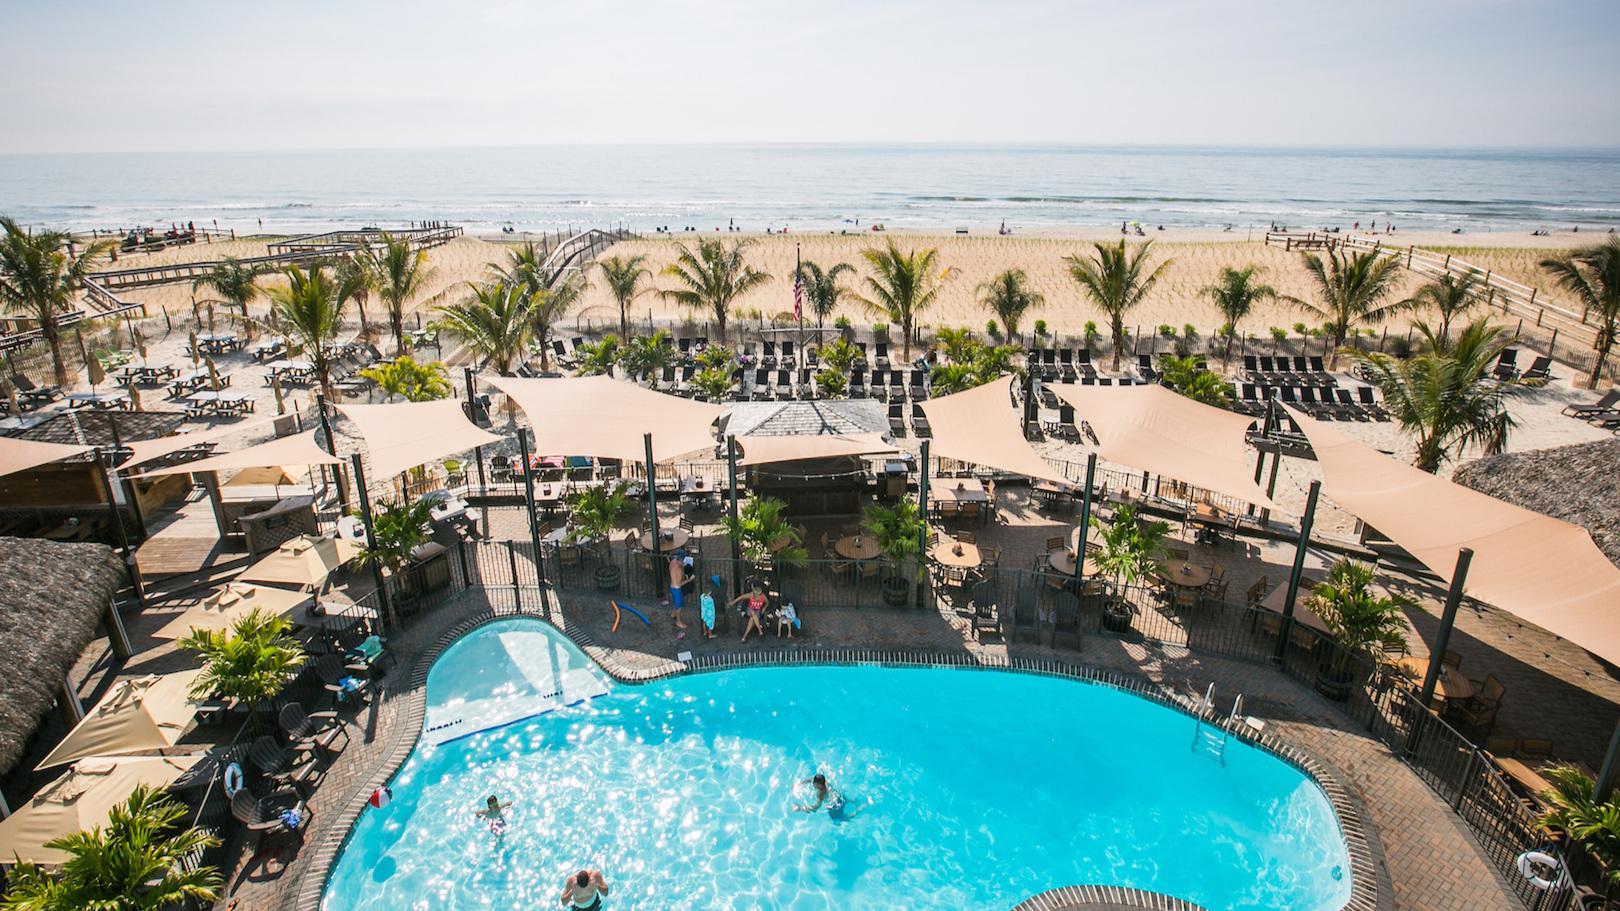 The Sea Shell Resort & Beach Club - Long Beach Island's Premier